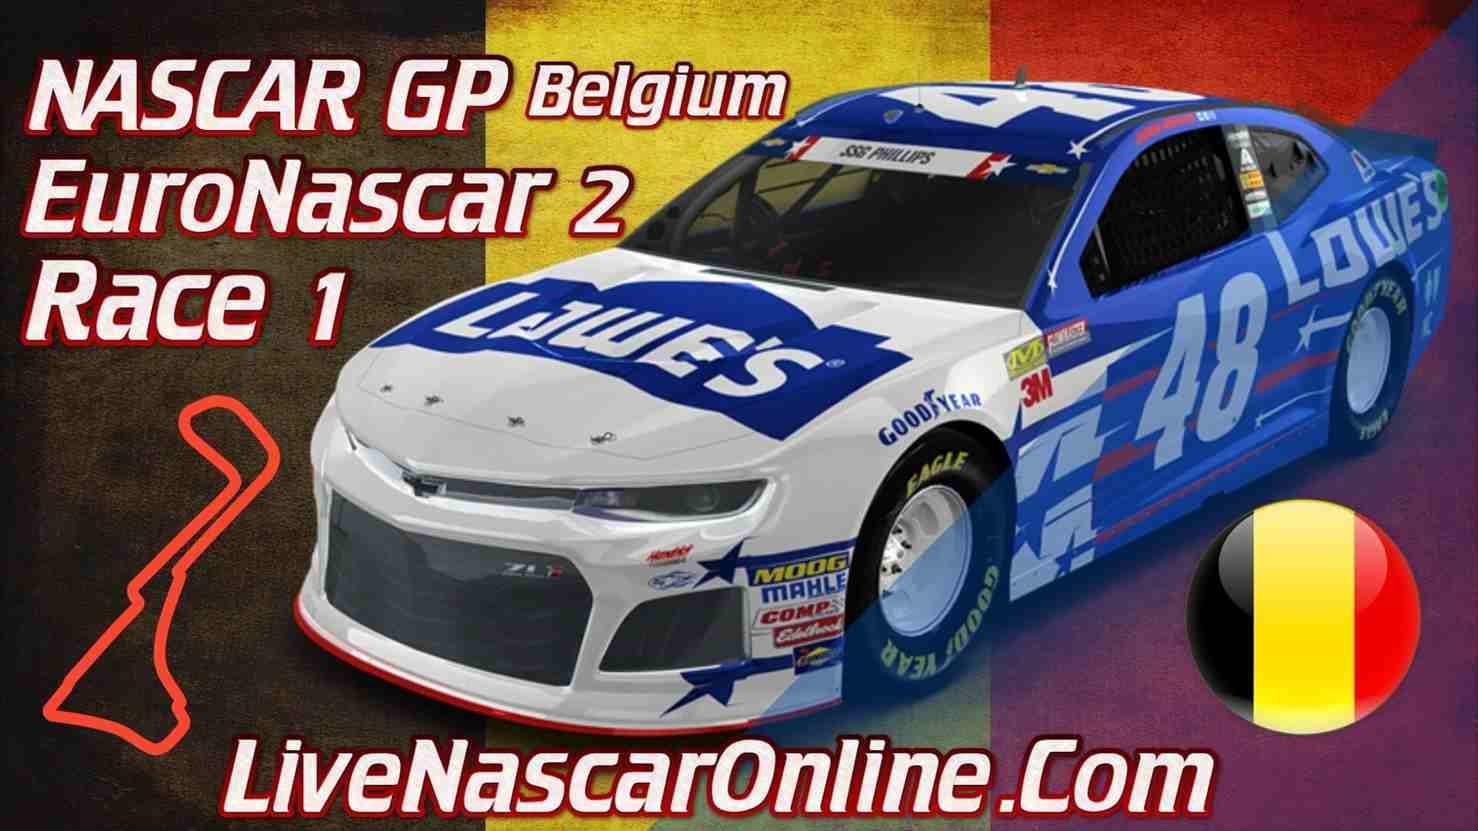 NASCAR GP Belgium Live Stream Euro NASCAR 2 Race 1